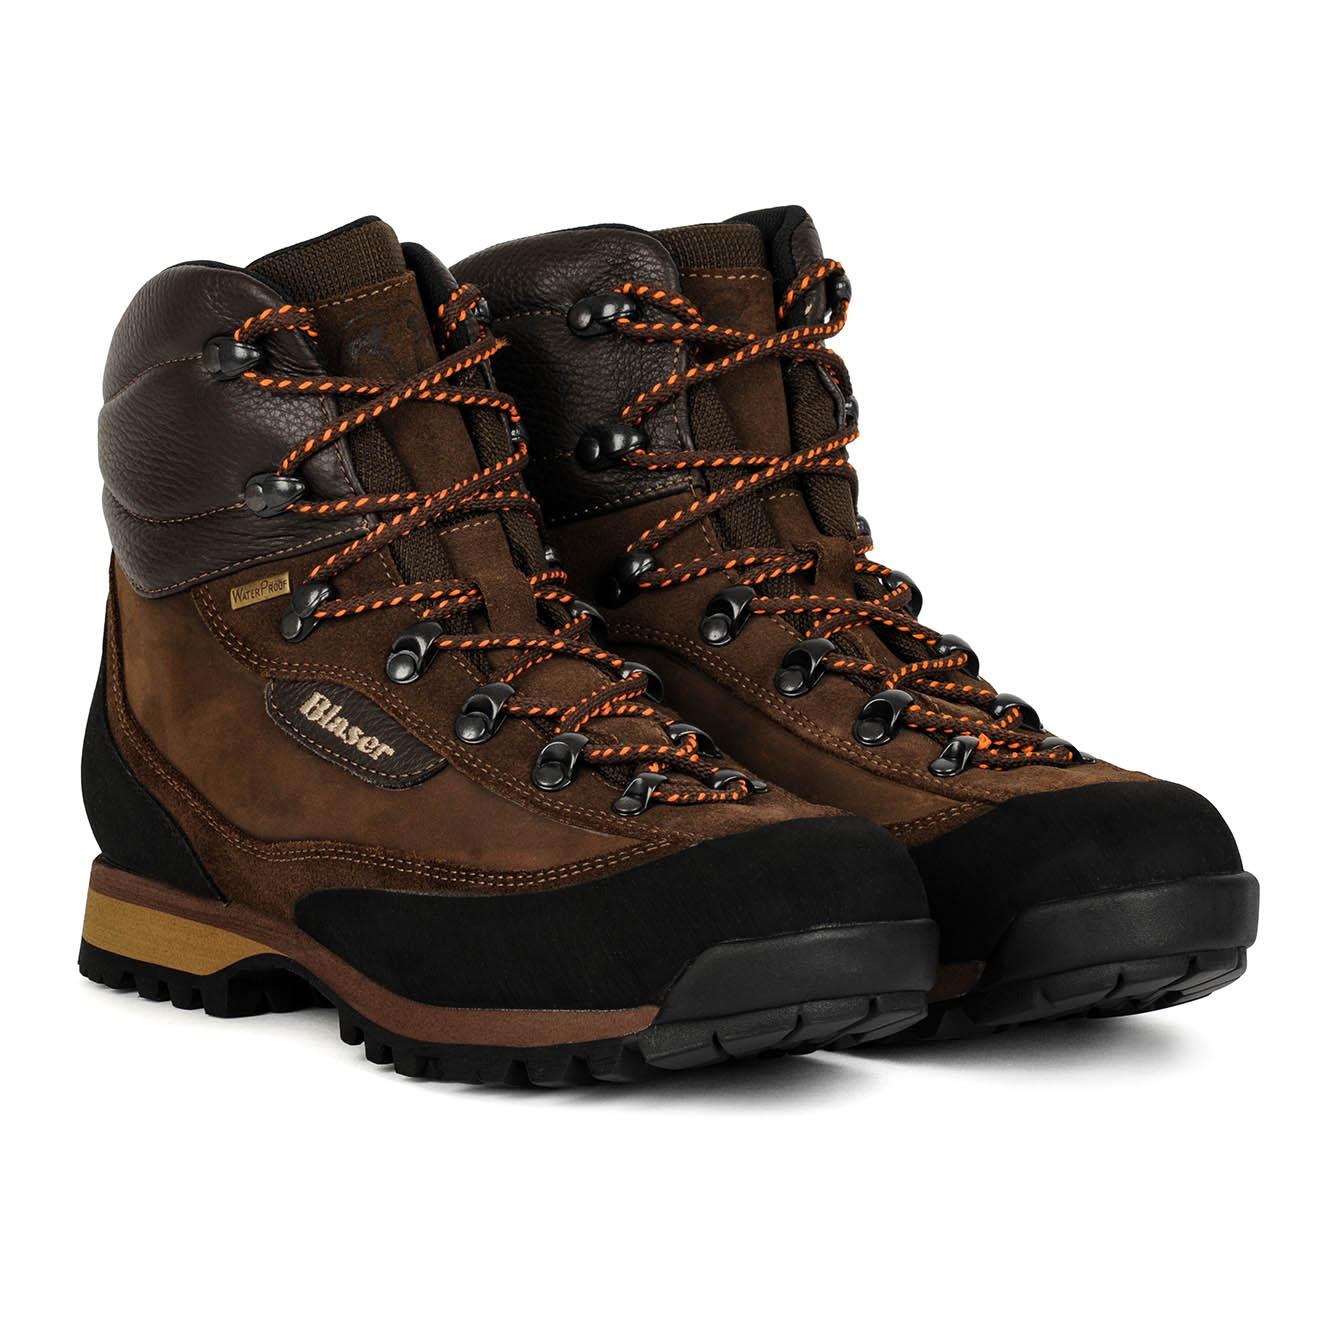 Blaser Stalking Boot All Season Brown